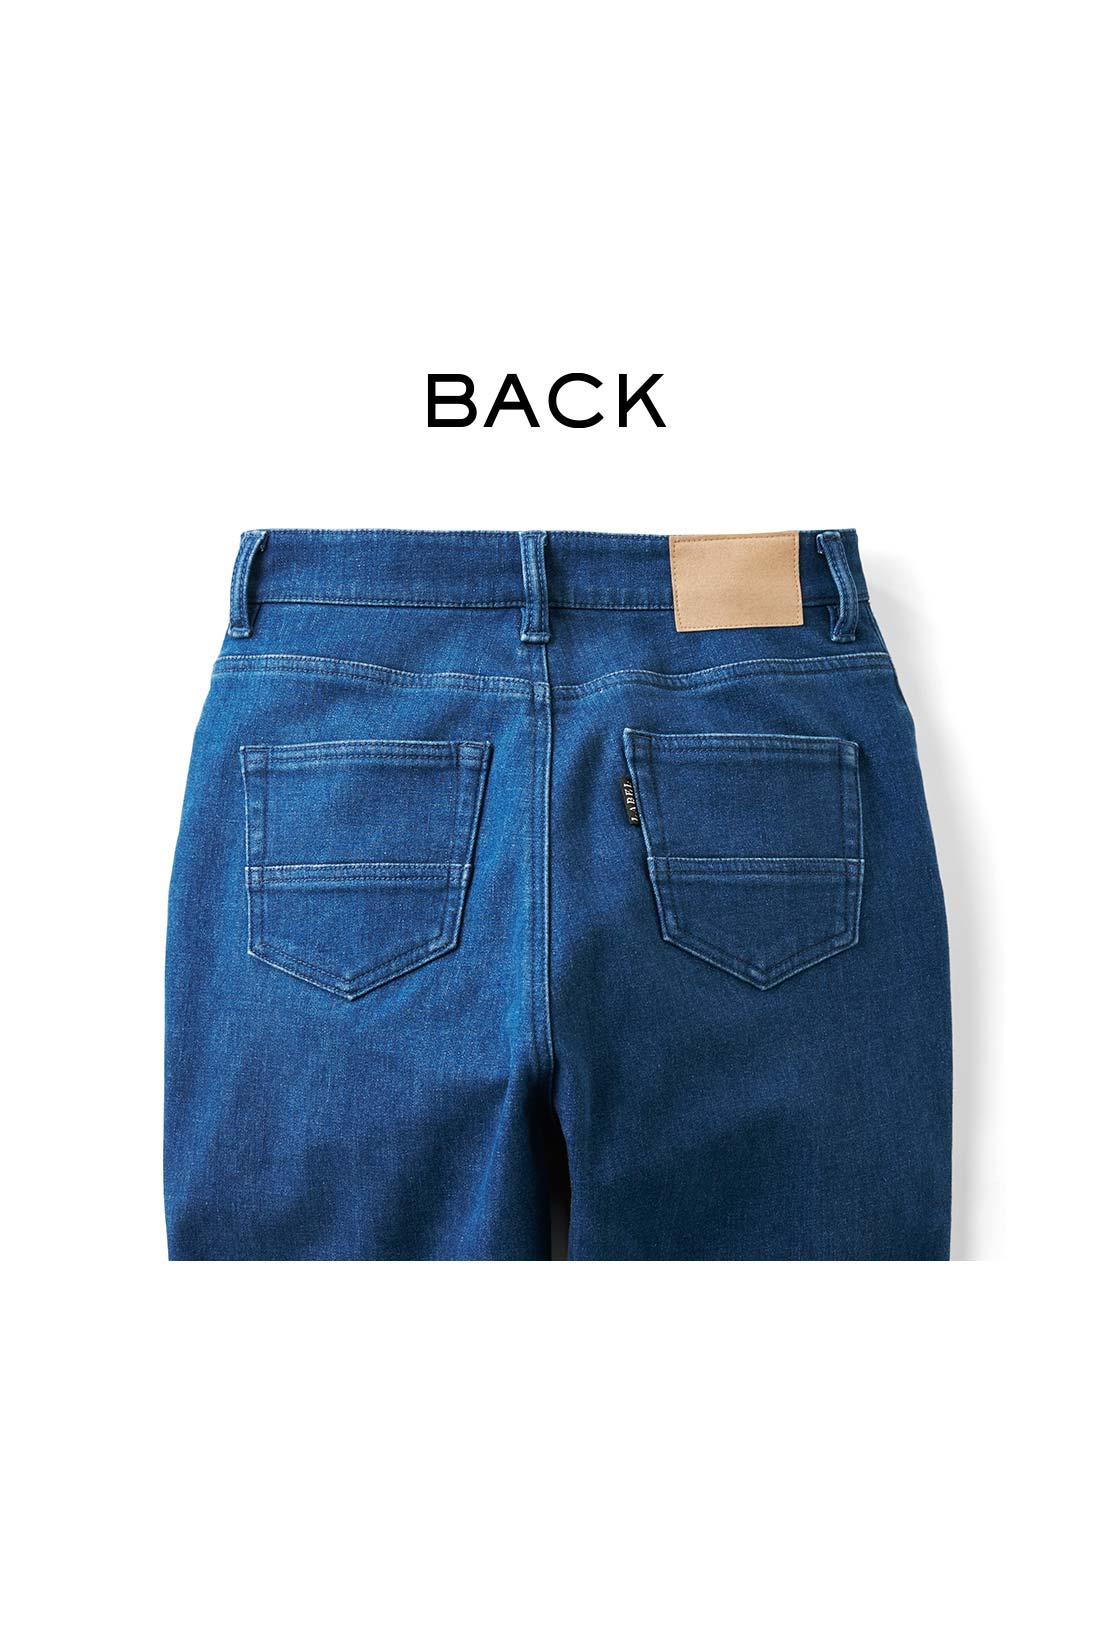 小尻効果のあるポケットやピスネーム、スエード調のパッチなど、ディテールも本格的。